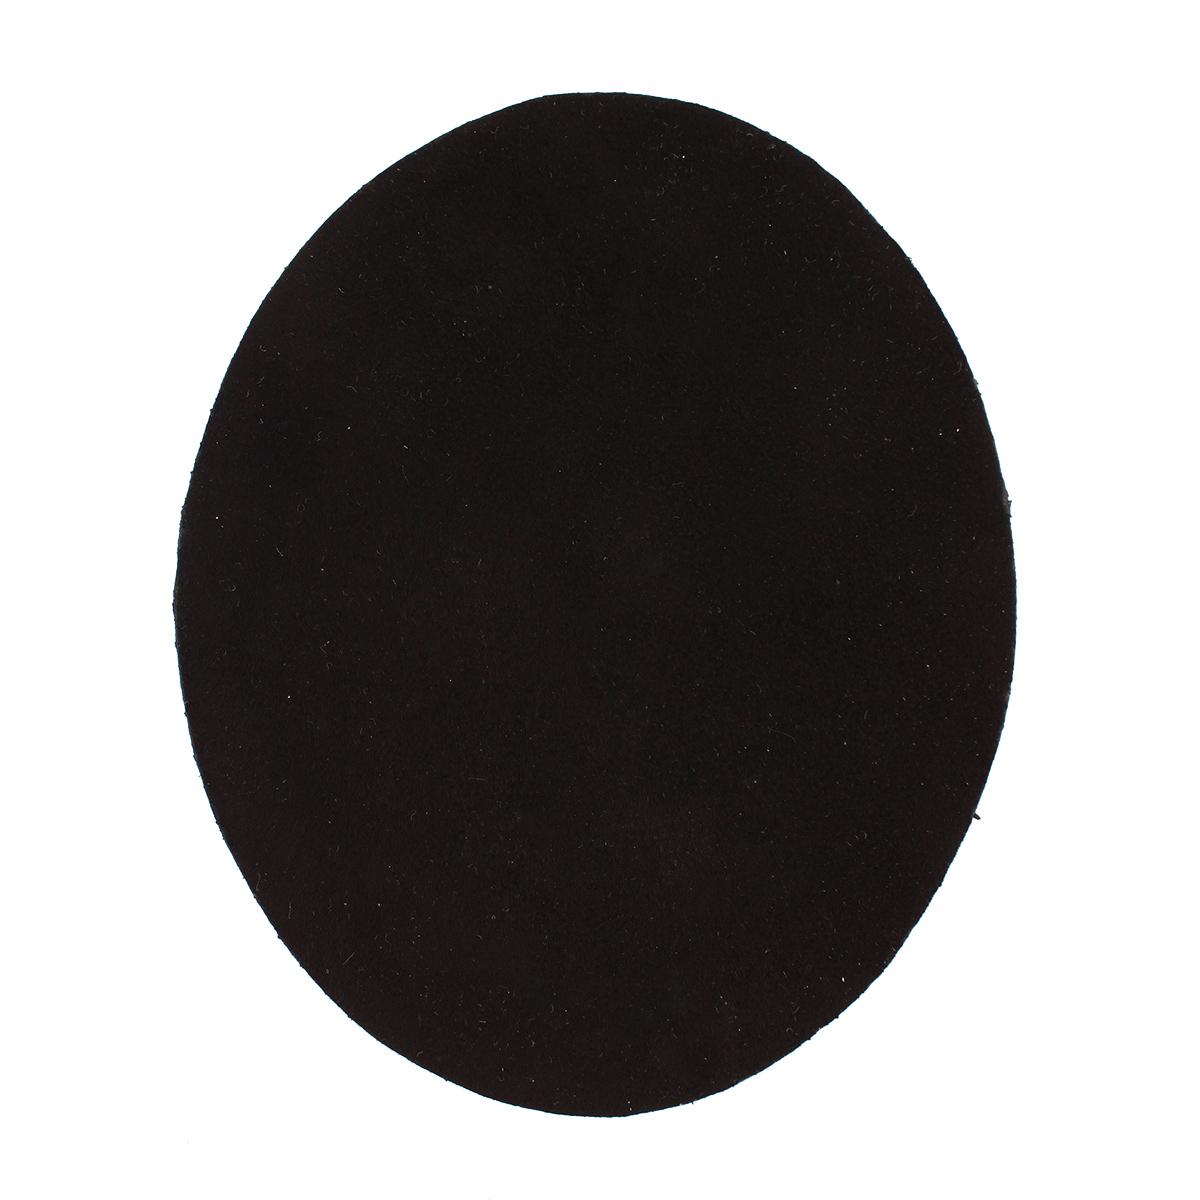 Термоаппликация замша овал маленький, 2шт в уп., 100% кожа